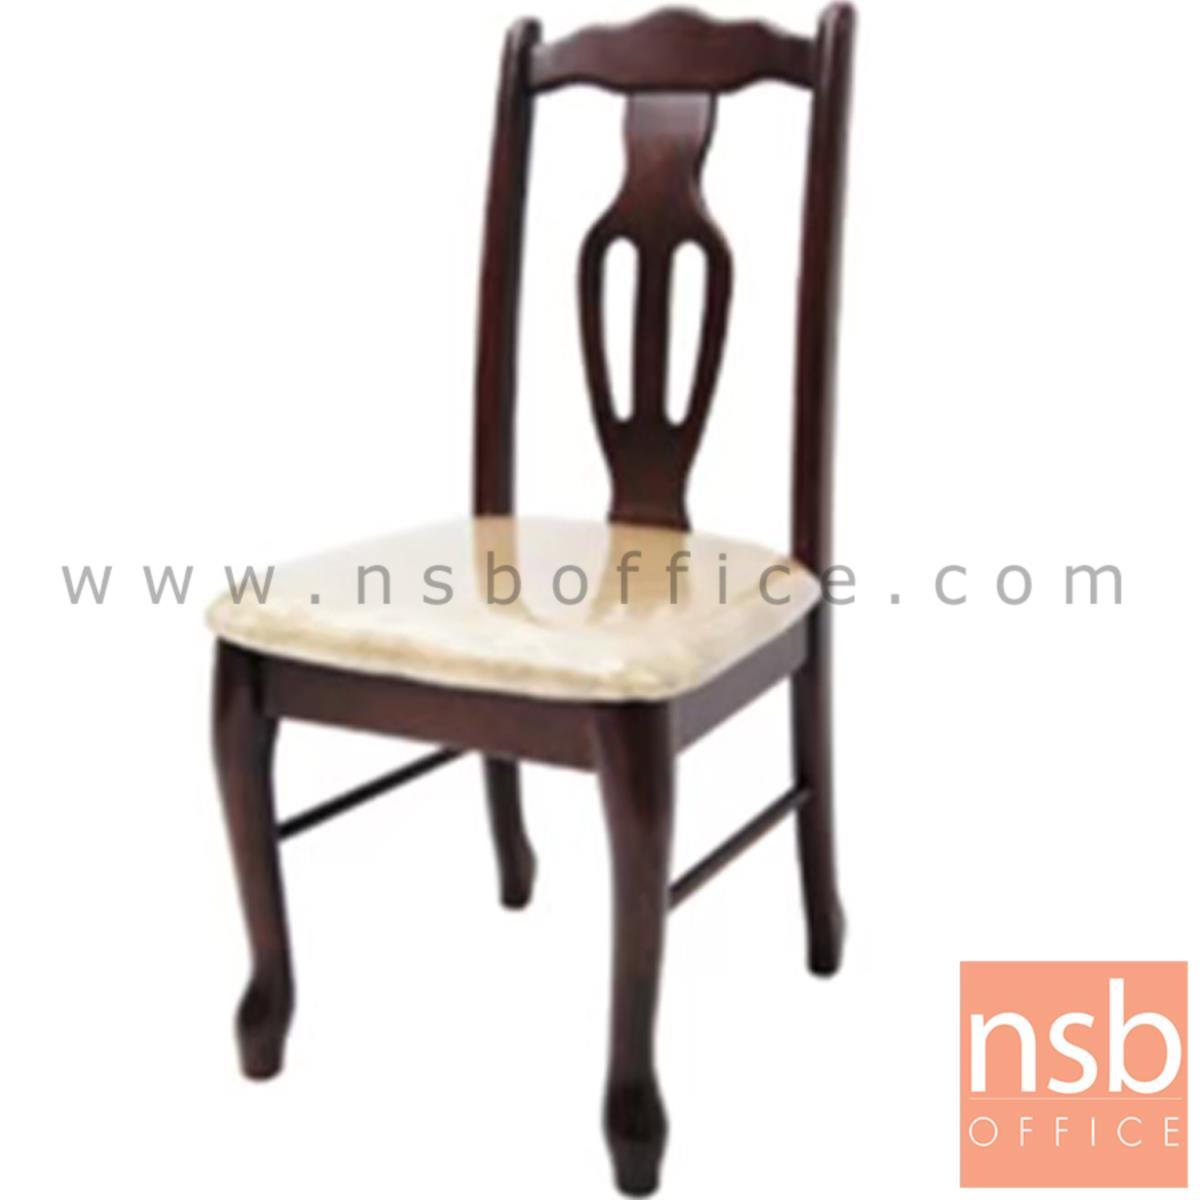 B22A152:เก้าอี้ไม้ที่นั่งหนังเทียม รุ่น Remy  ขาไม้ สีวอลนัท